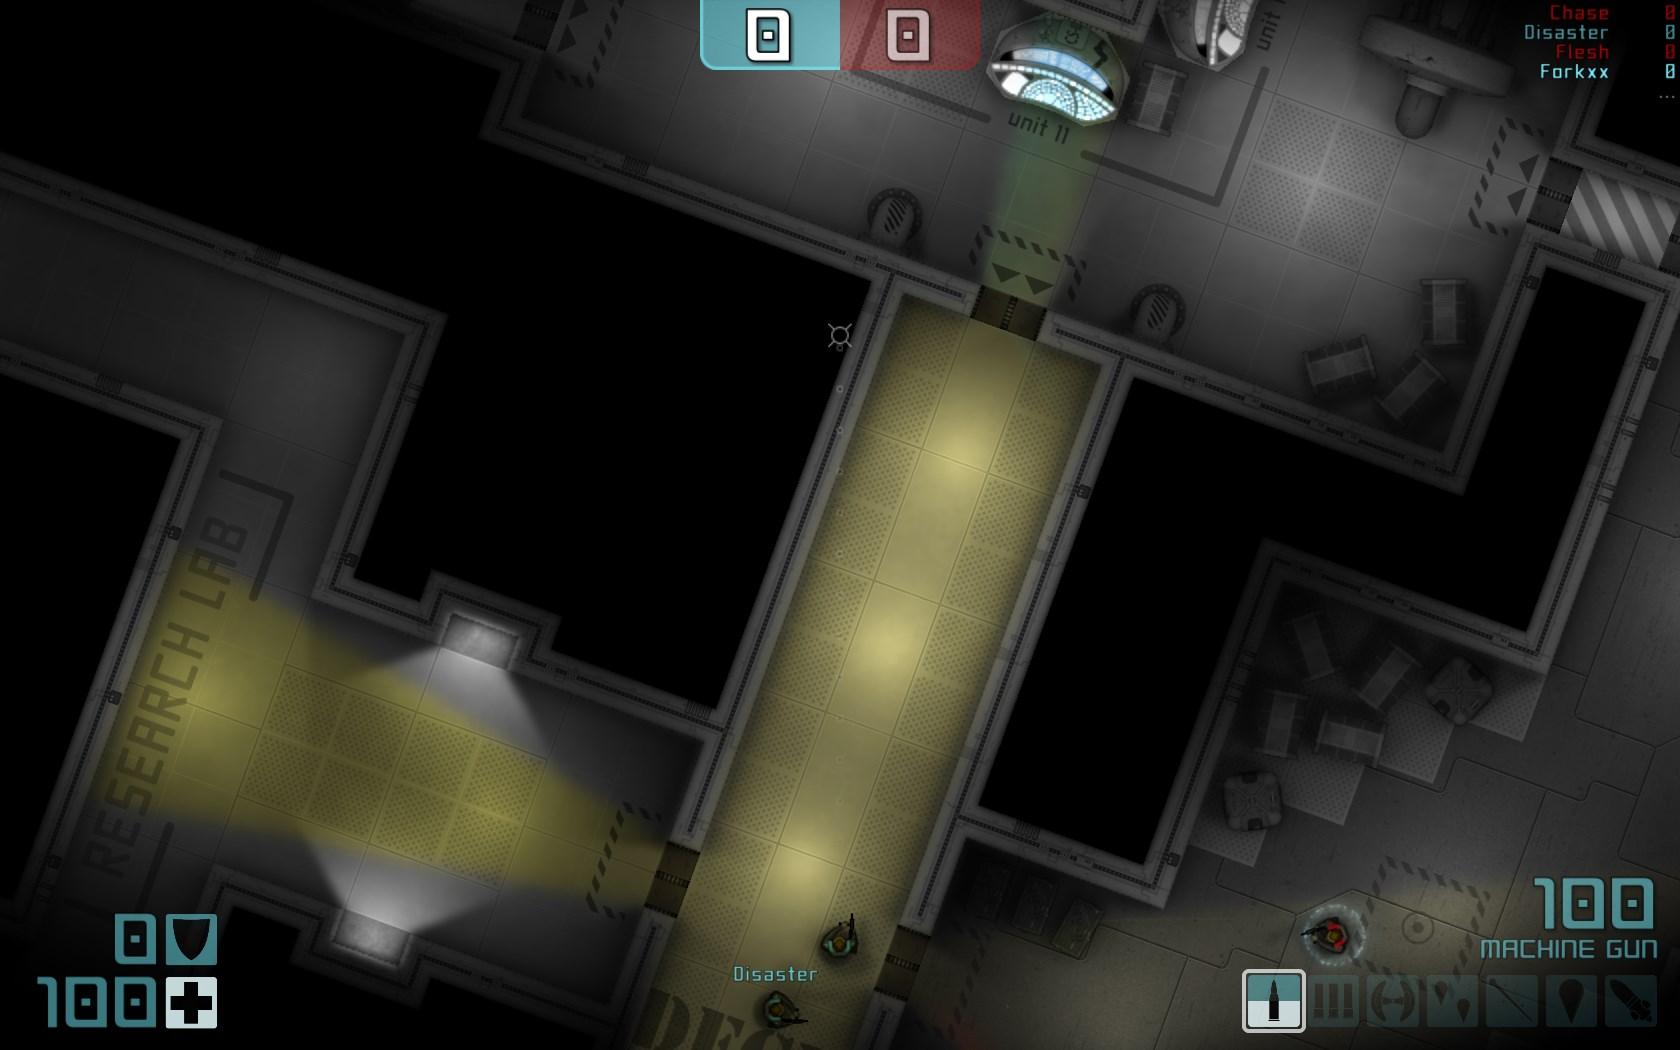 Daedalus Game - Imagem 1 do software